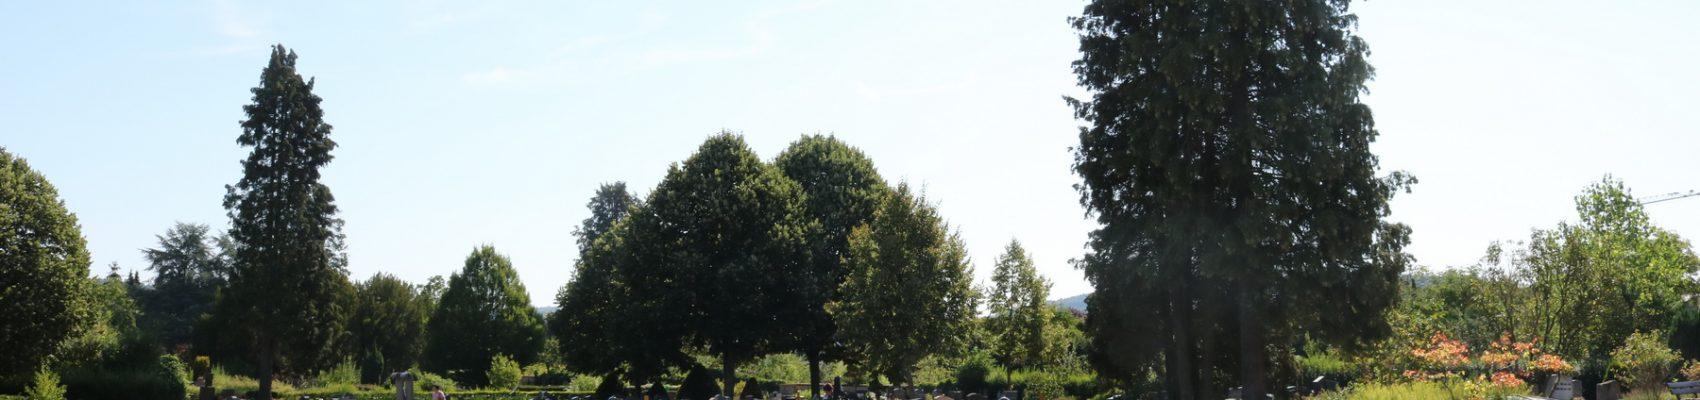 Friedhof Hilbringen